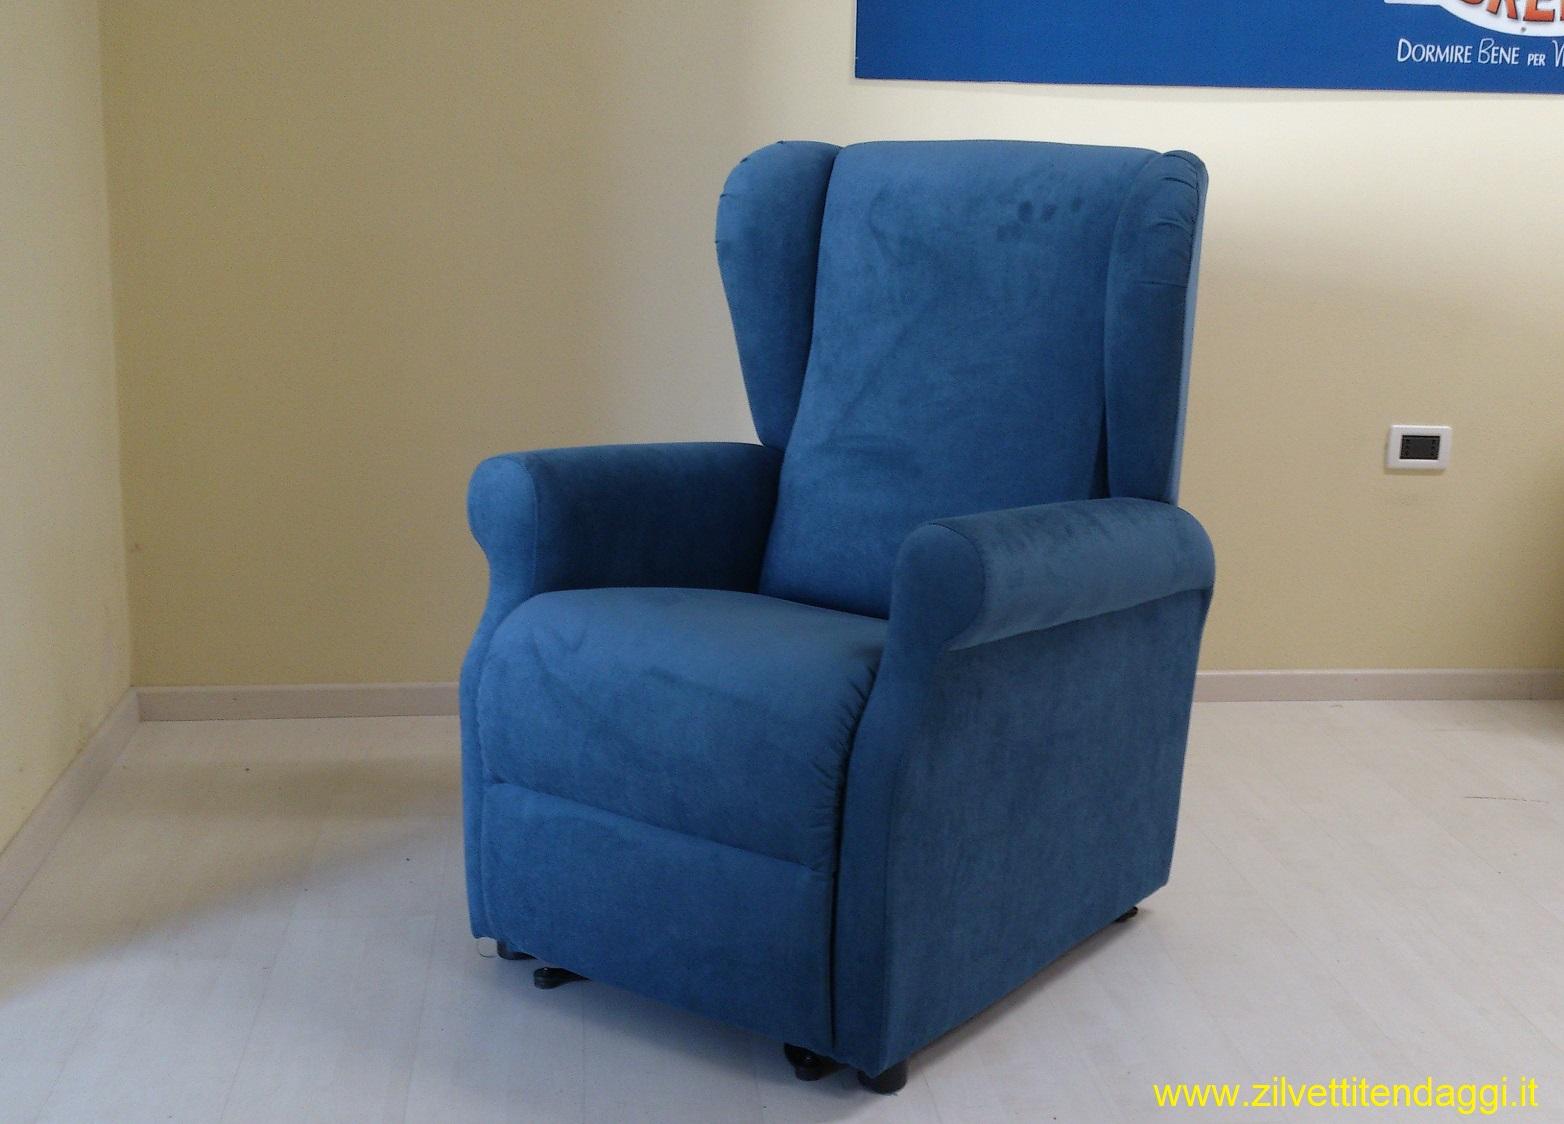 Copridivano chaise longue mondo convenienza copridivano for Divano boston mondo convenienza